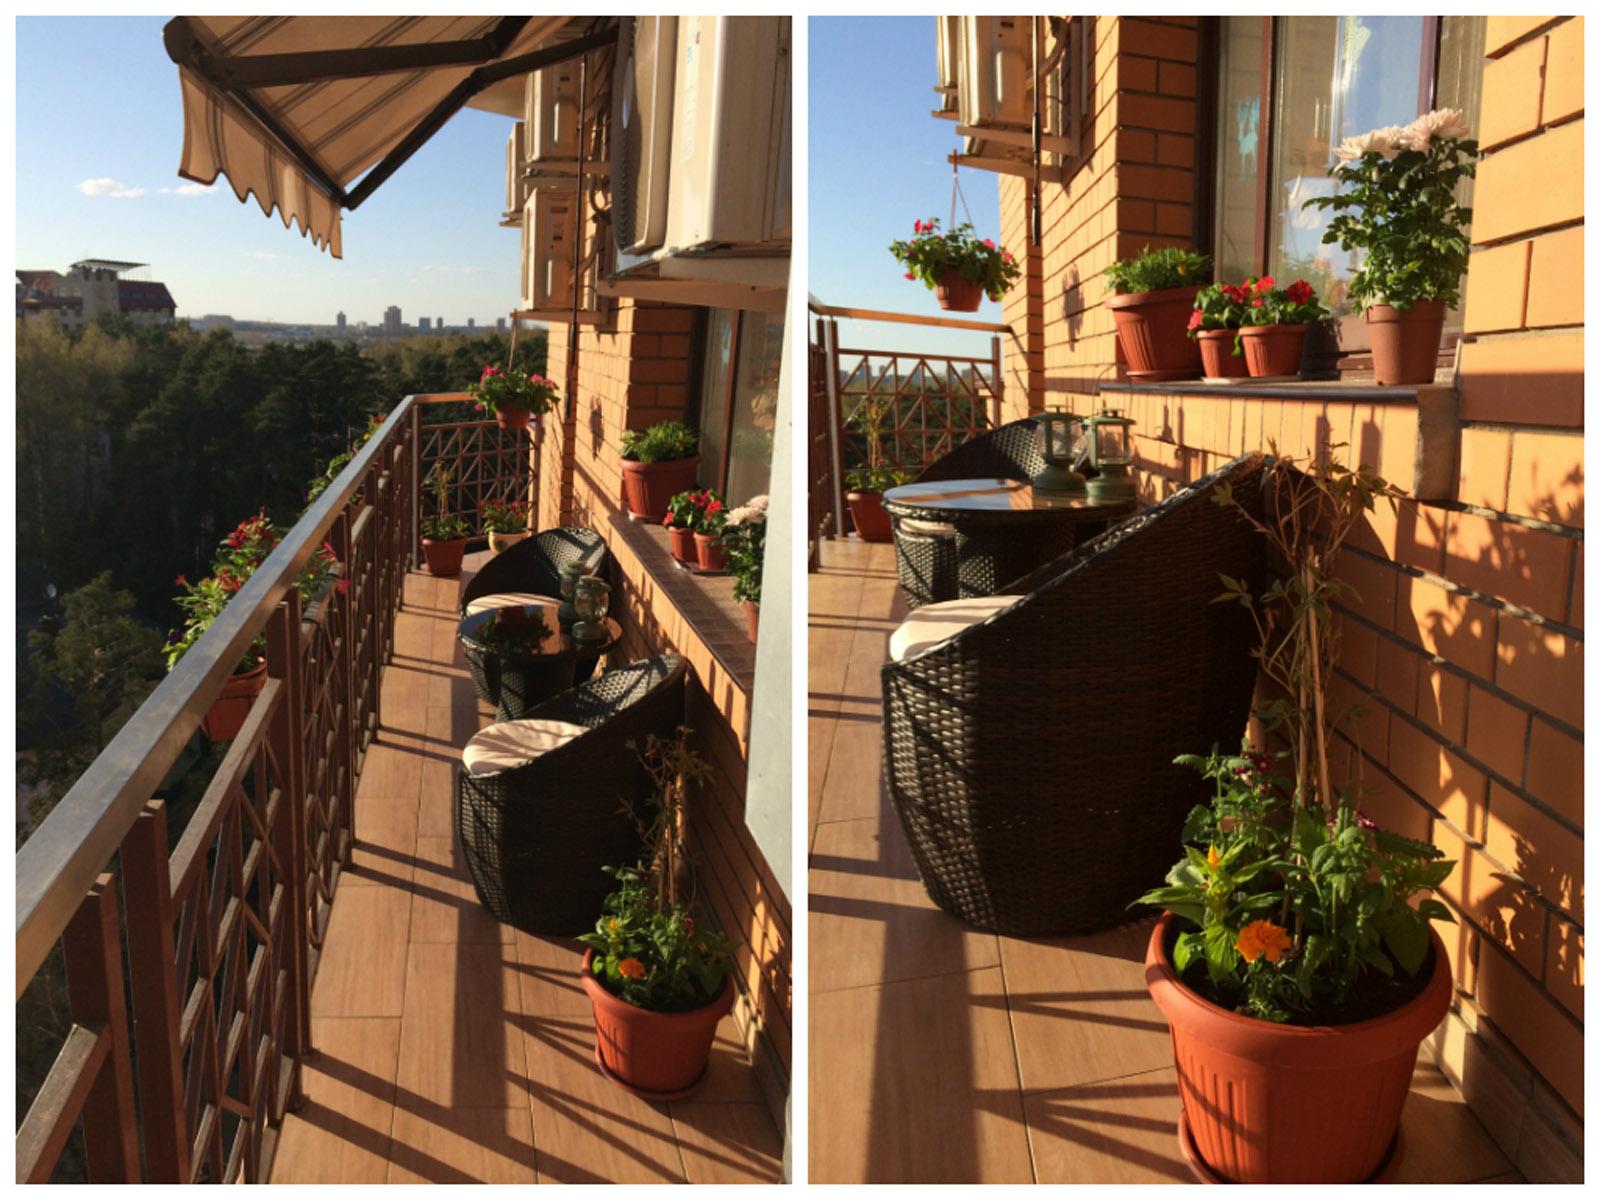 Уголок вдохновения: балкон дизайнера людмилы вербы - roomble.